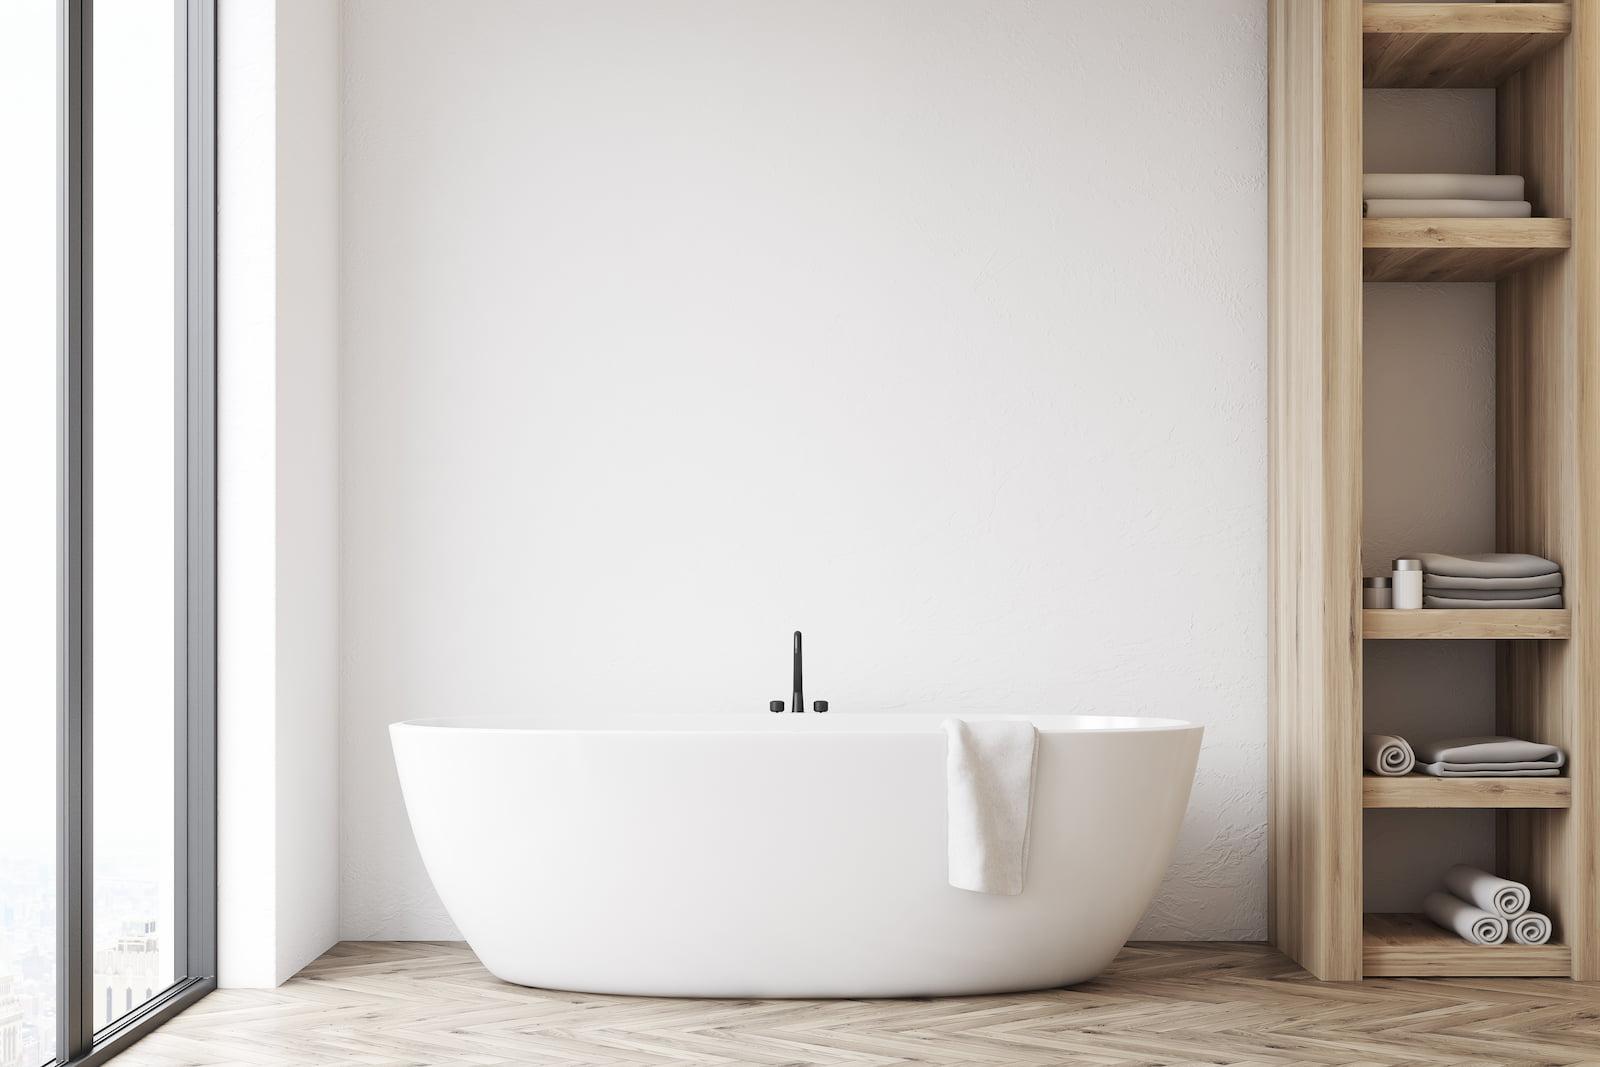 Salle de bain contemporaine, minimaliste et épurée